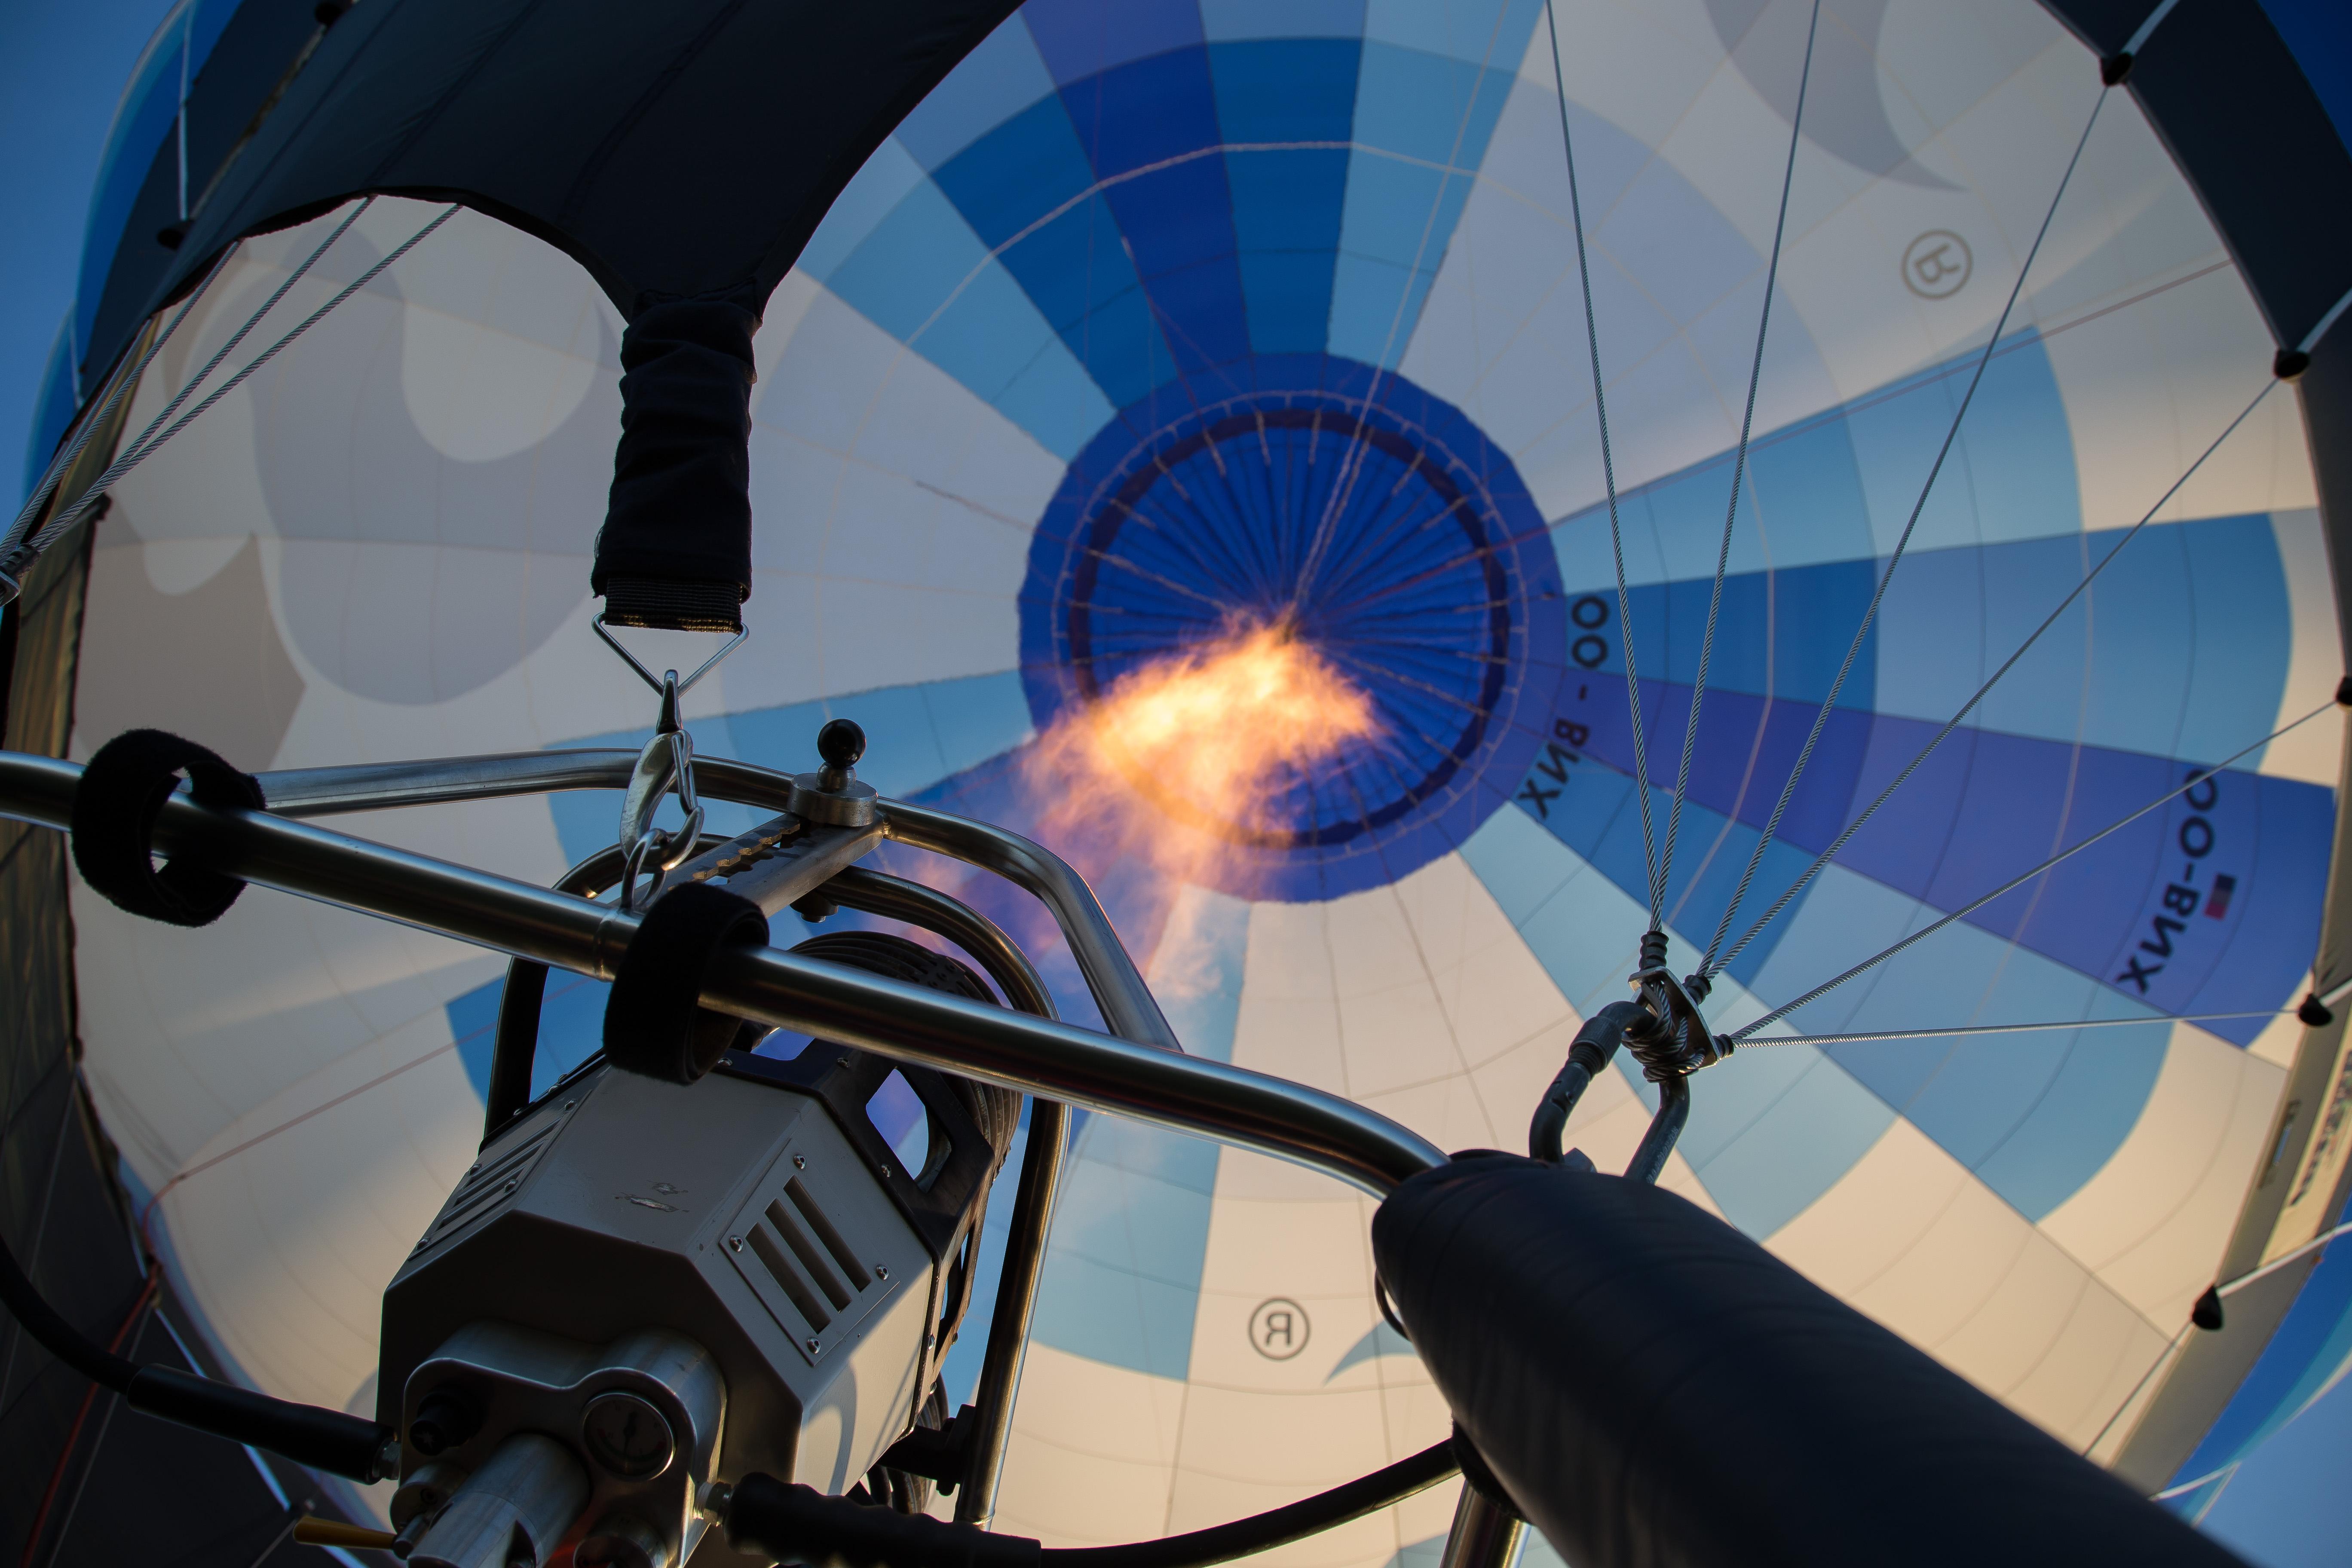 Ballon Brander Dreamballooning